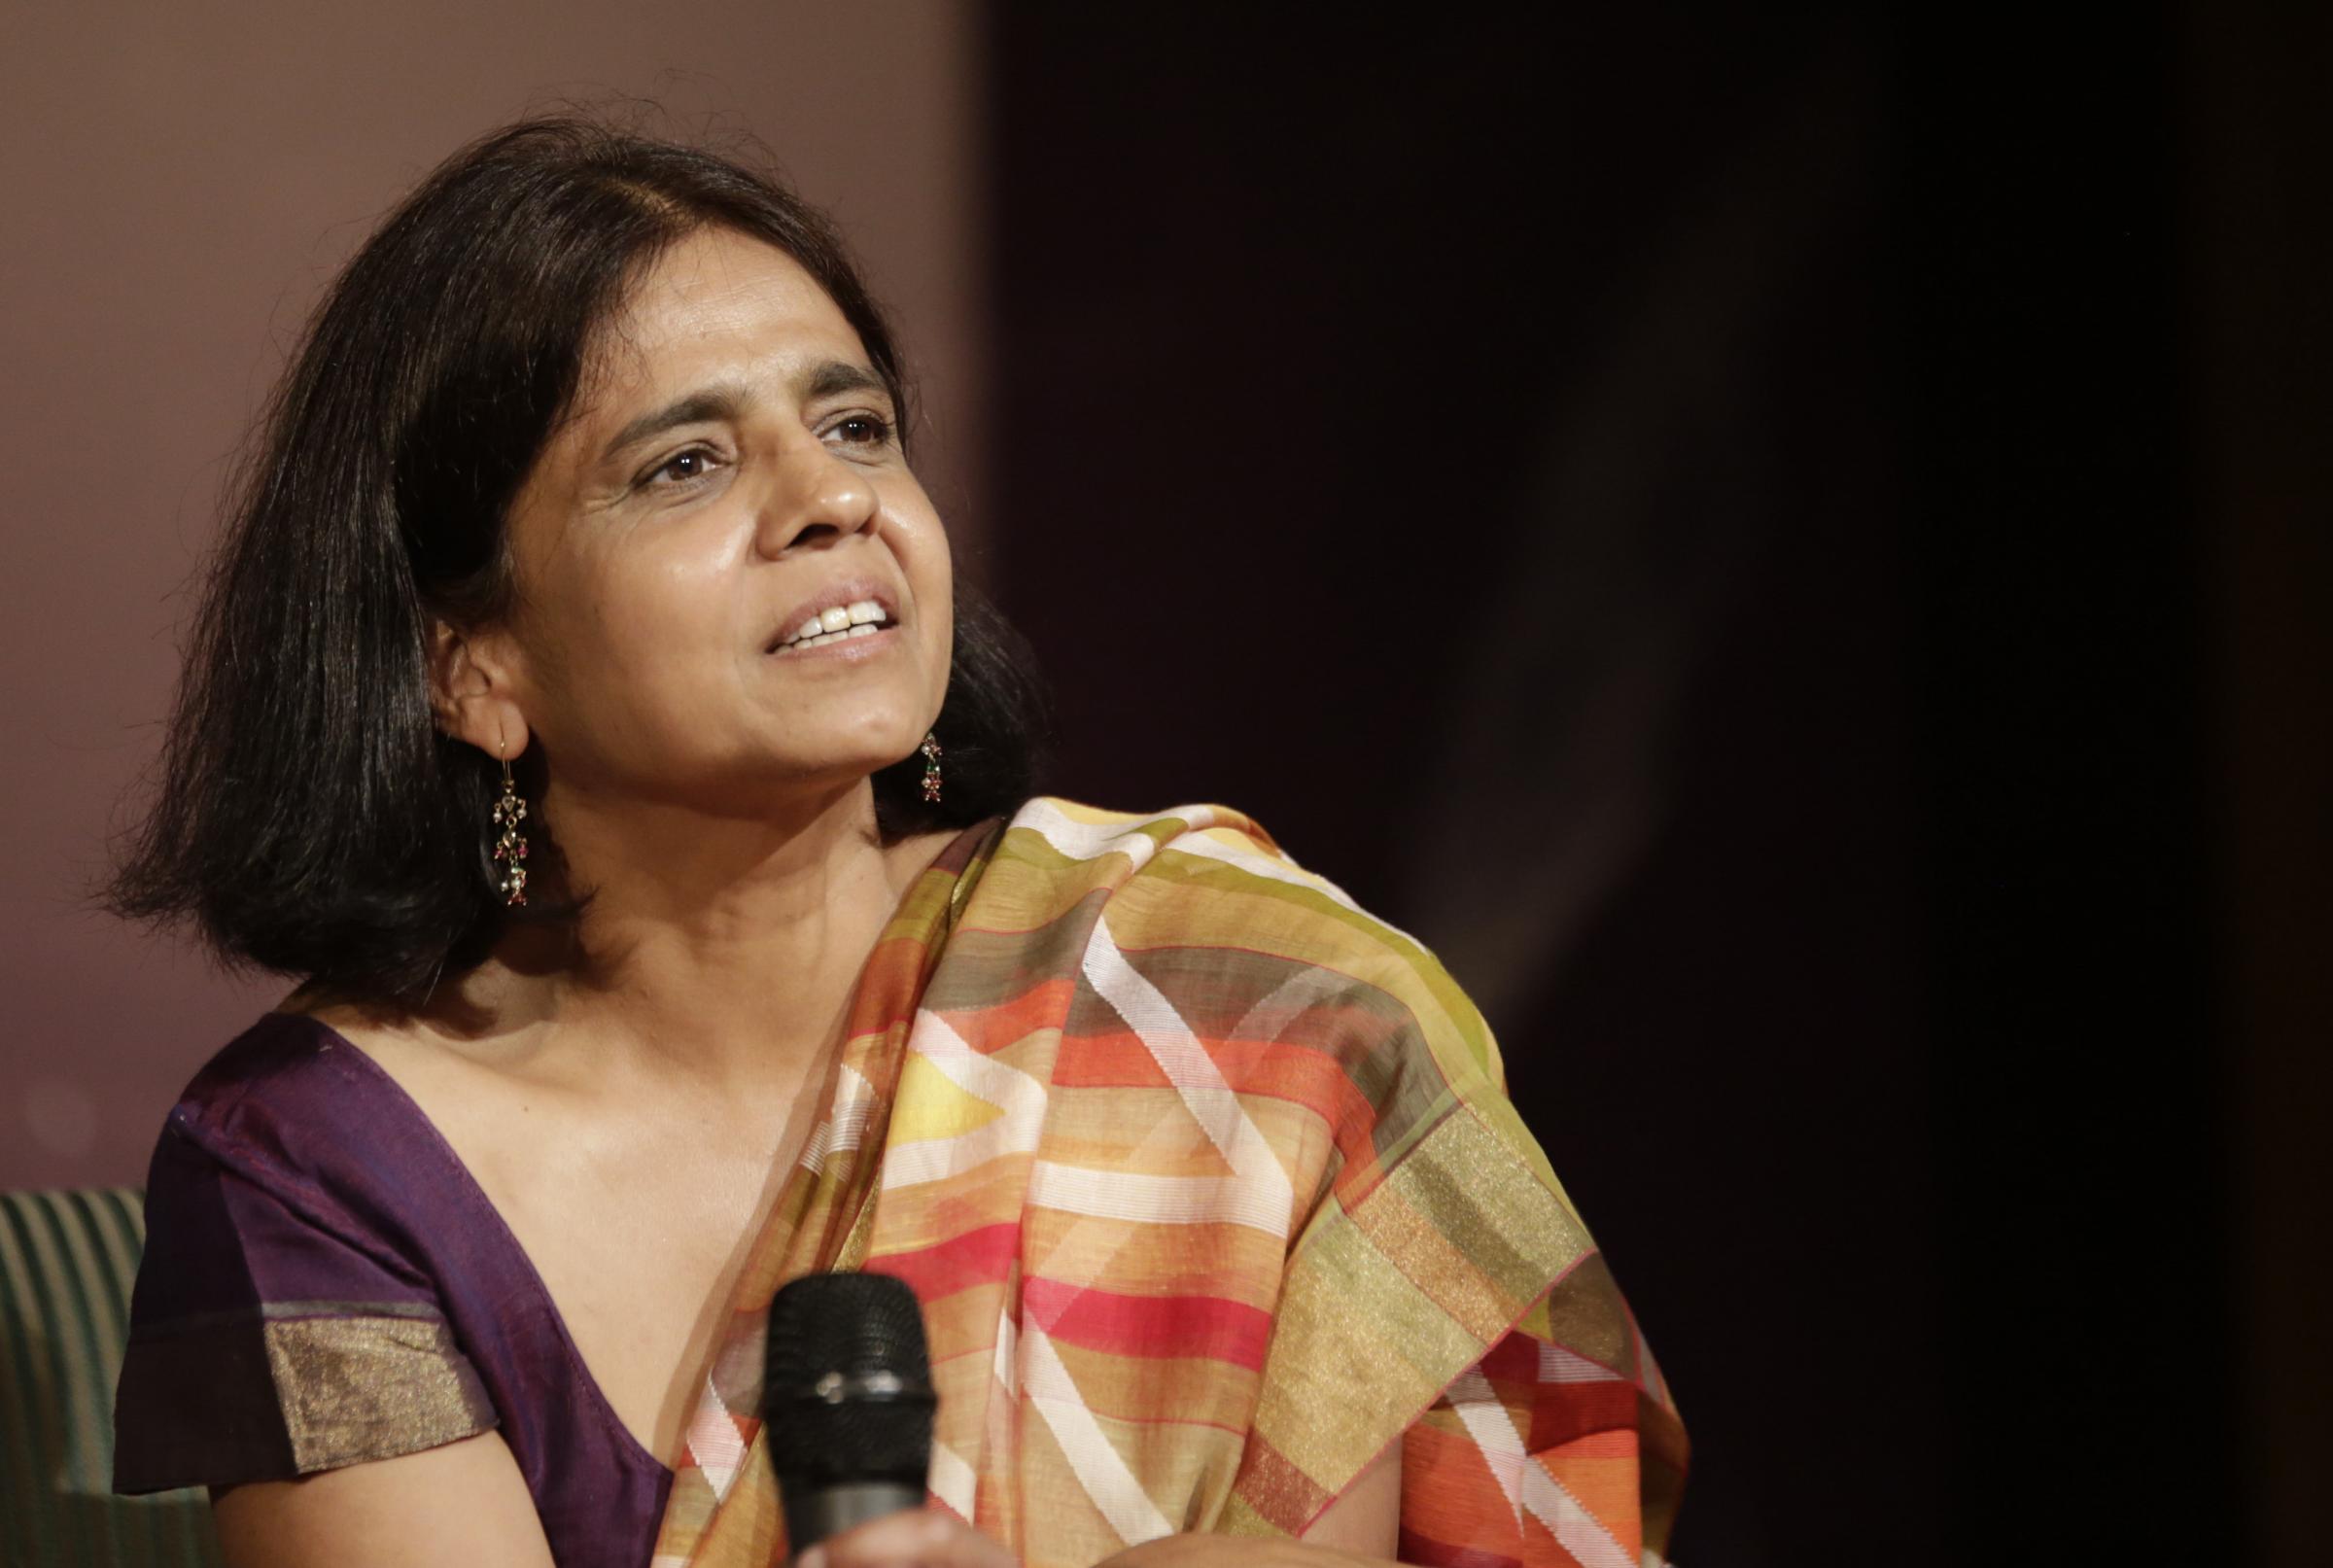 Sunita-Narain